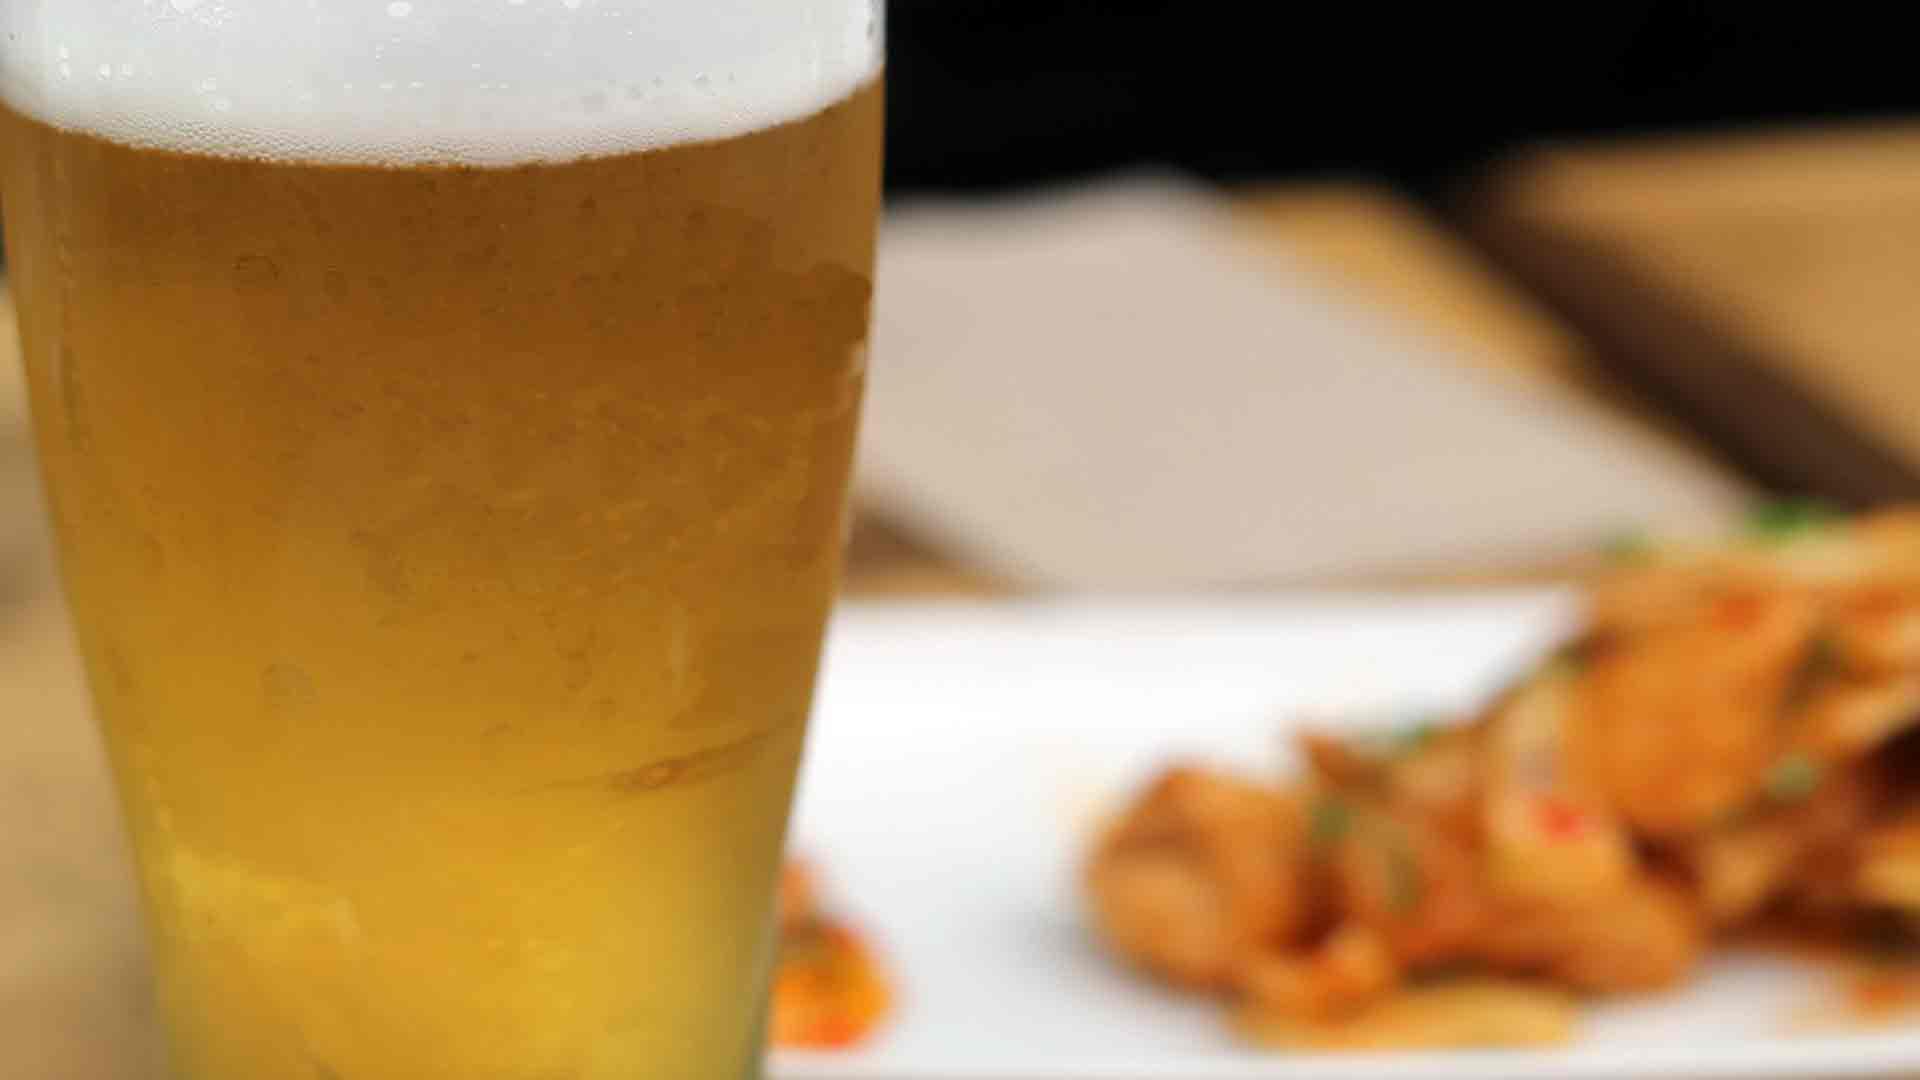 cerveza-tambien-dentro-de-una-dieta-saludable-1920